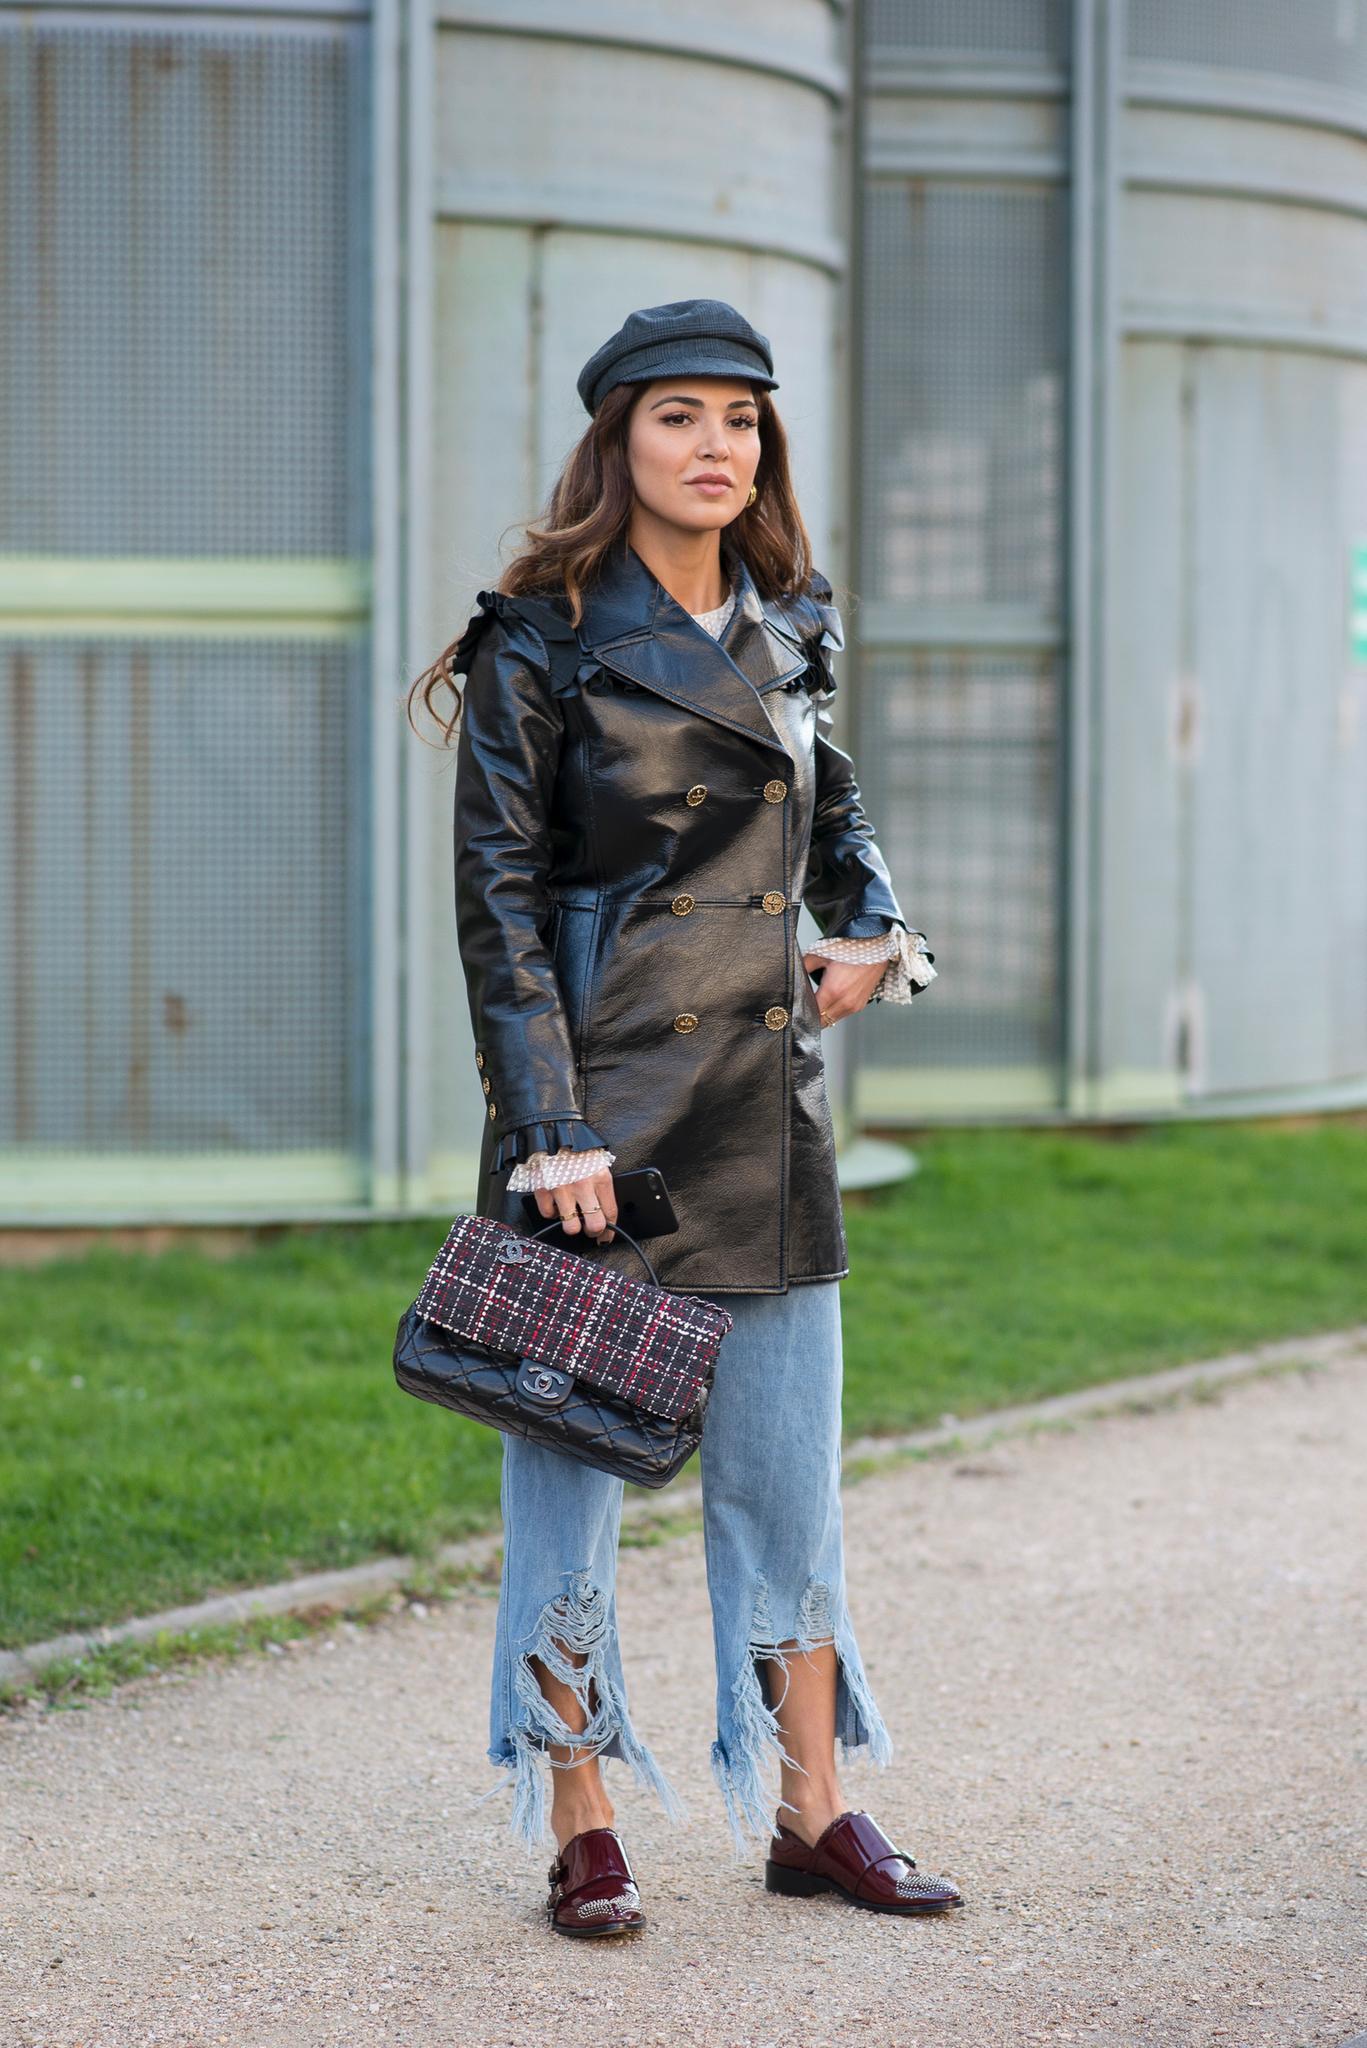 Bloggerin trägt Schiebermütze zu einem Ledermantel